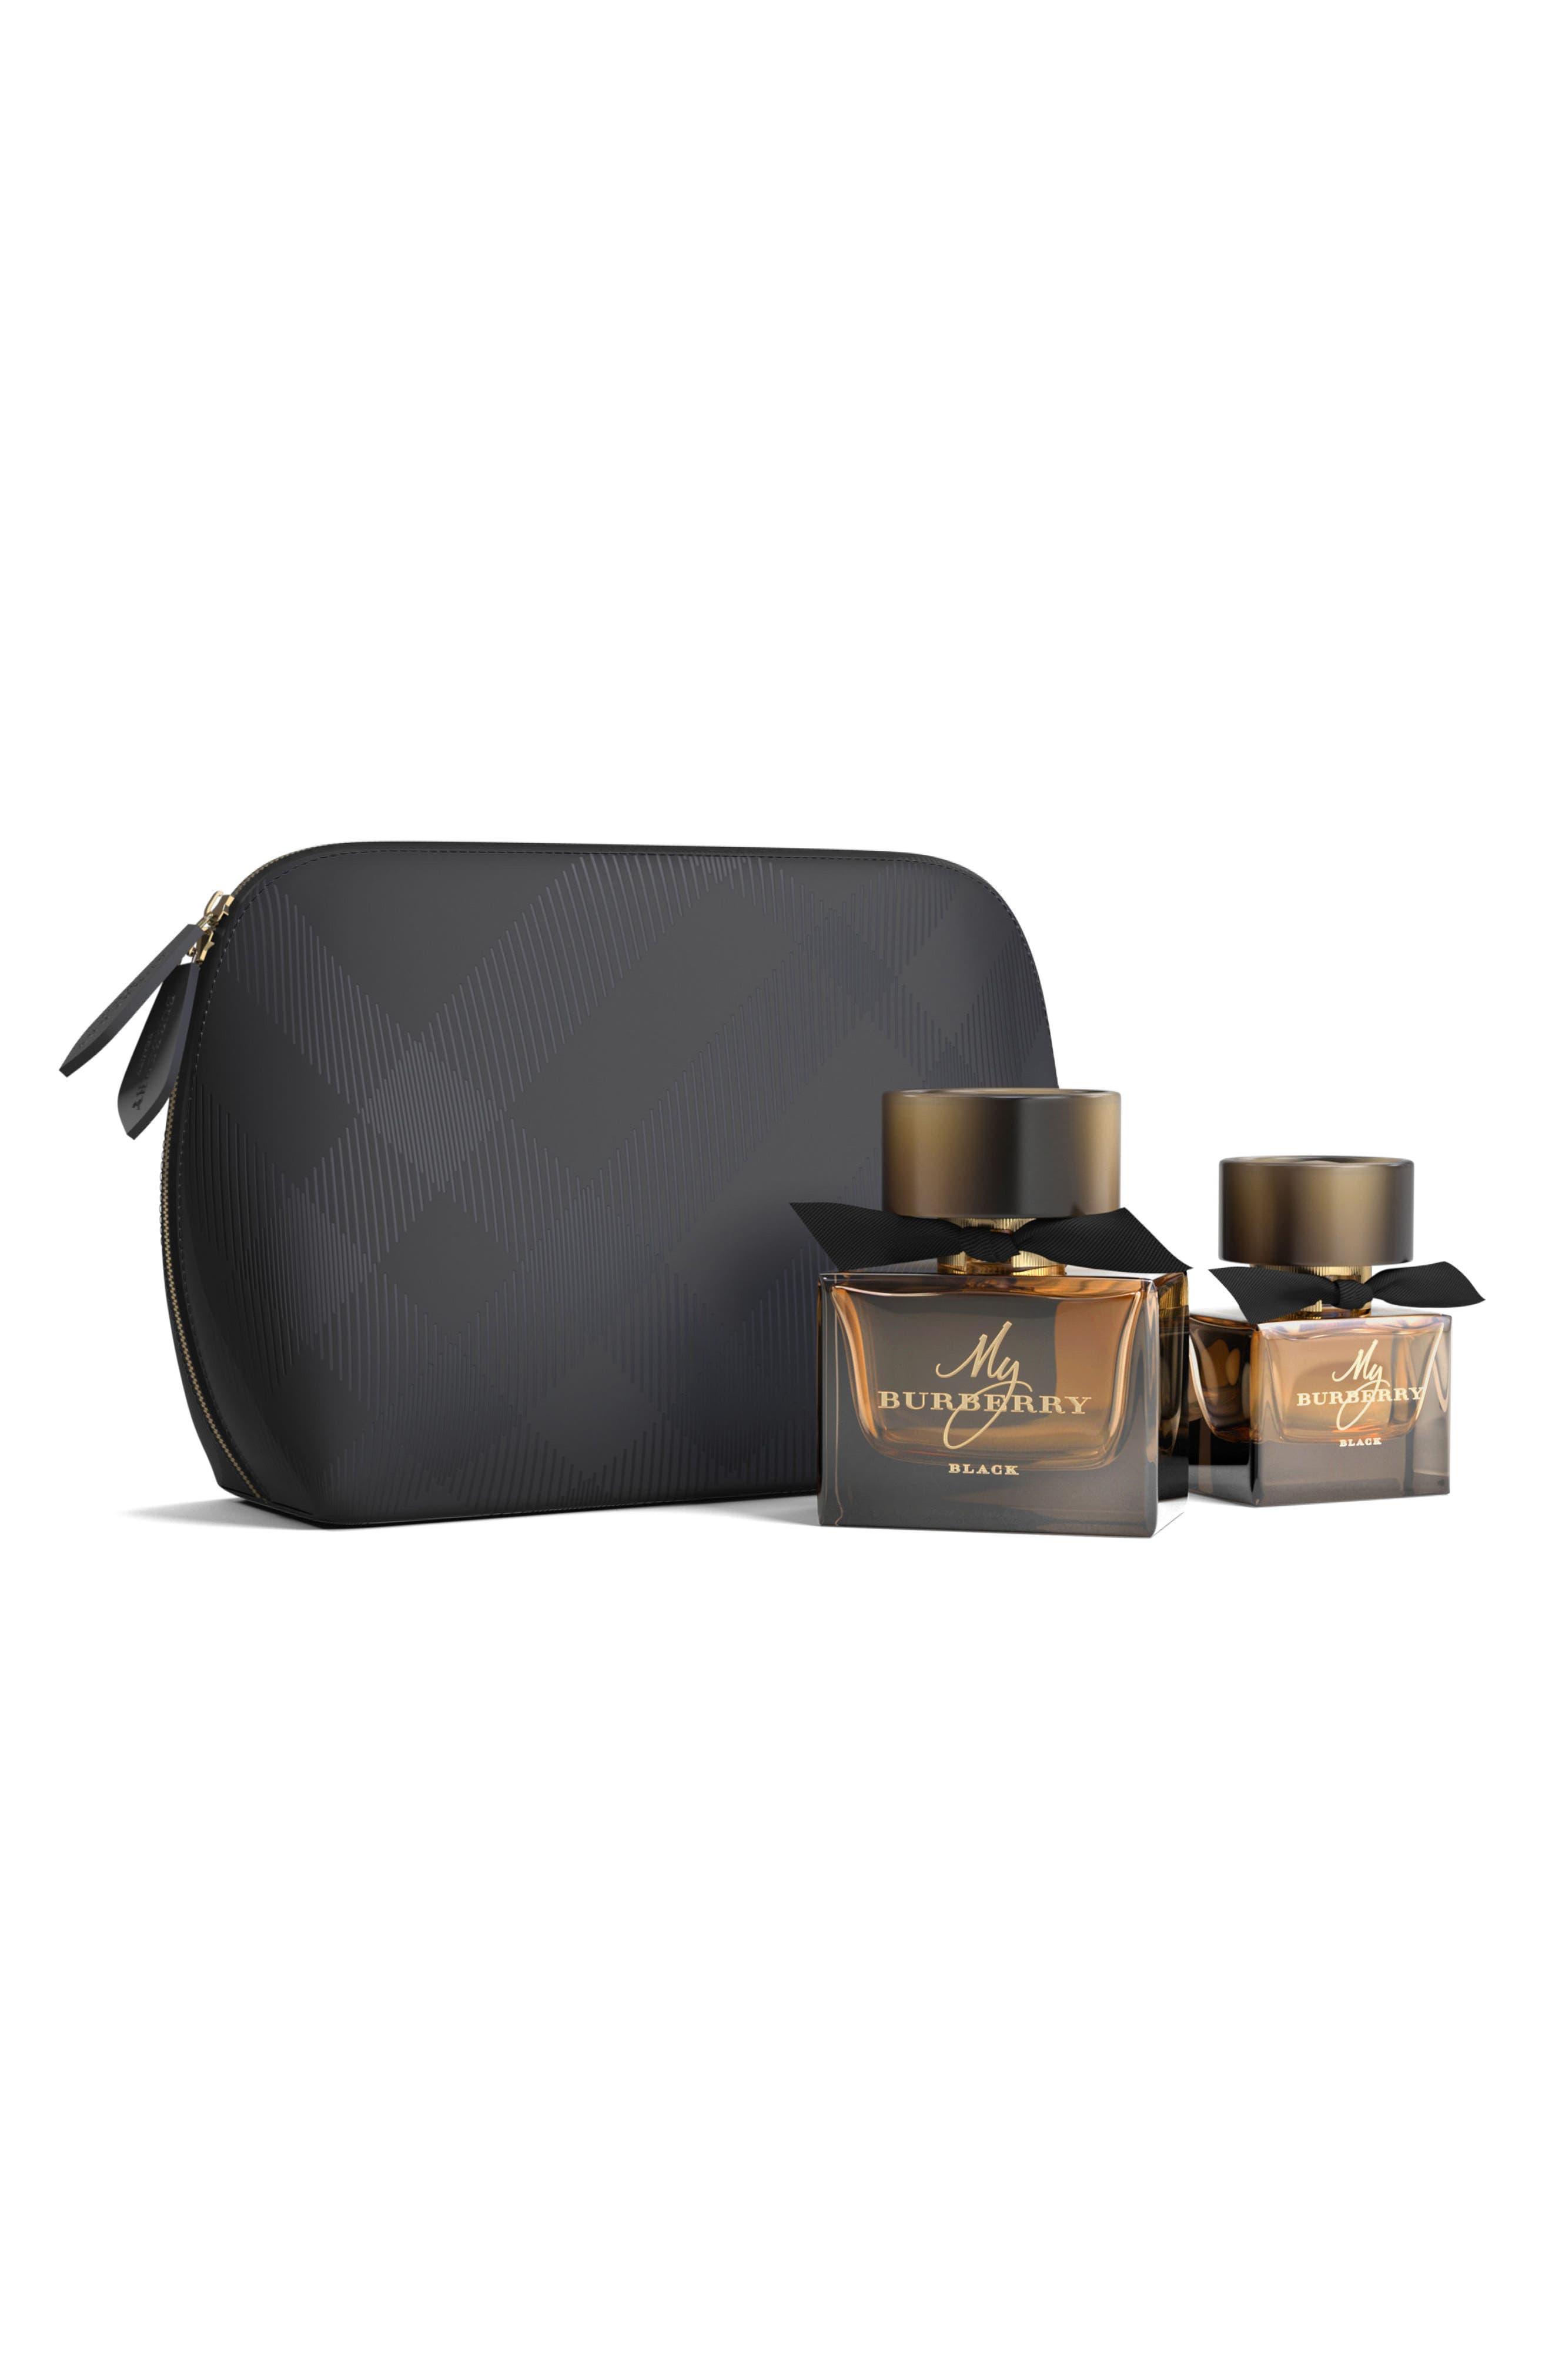 Burberry My Burberry Black Eau de Parfum Set